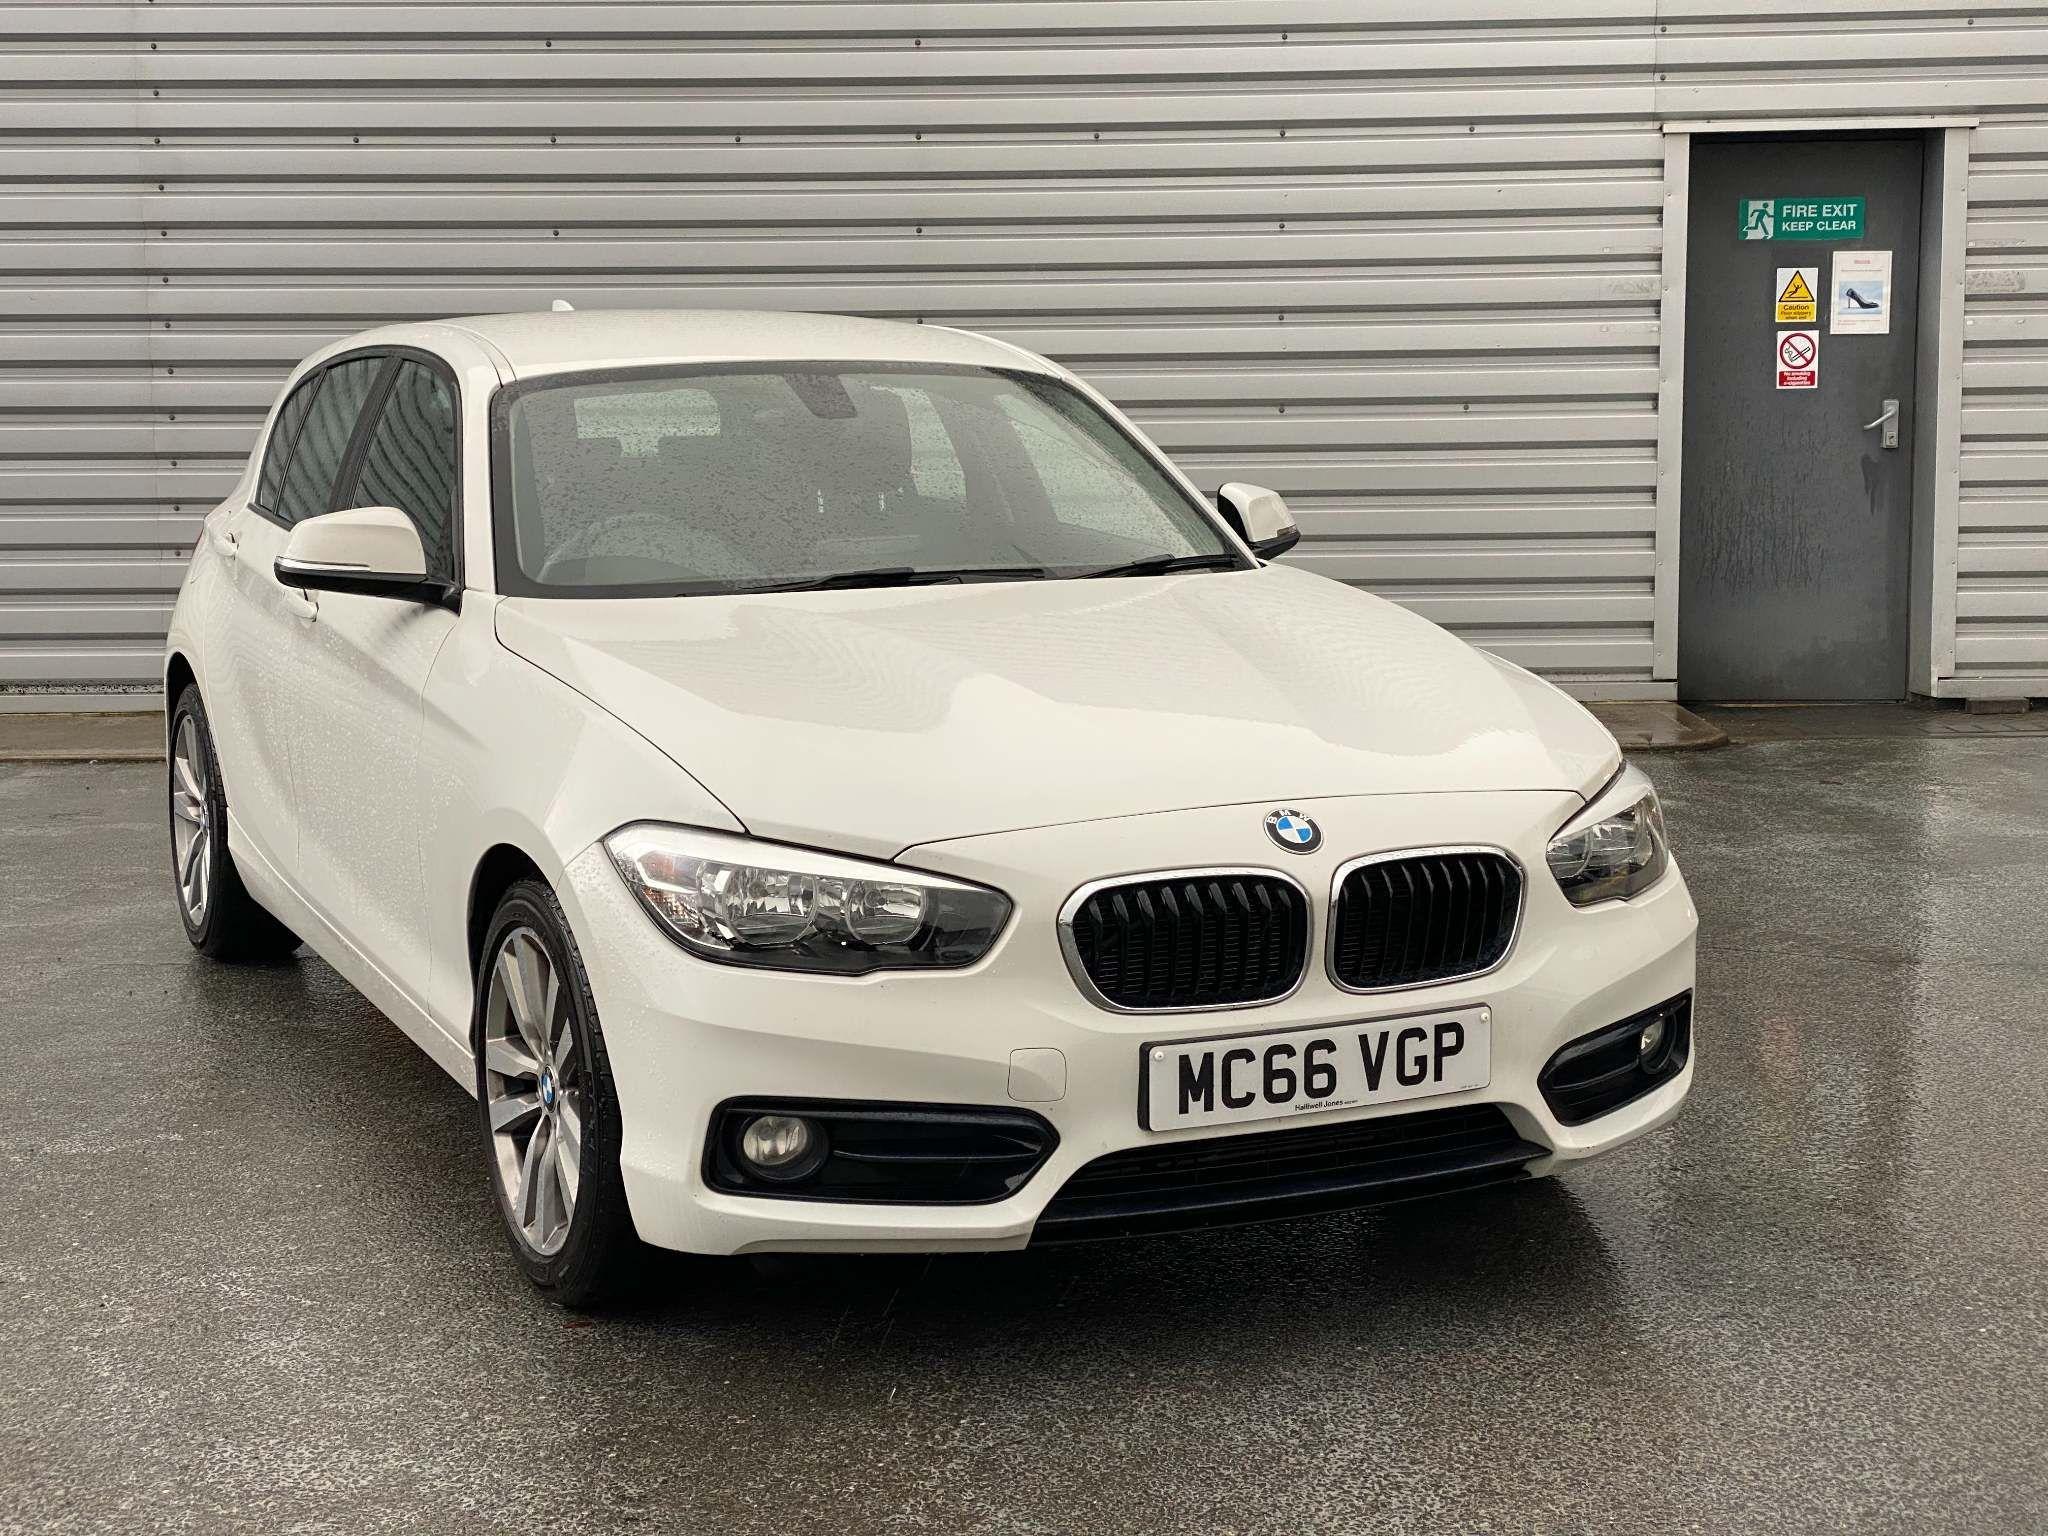 Image 1 - BMW 118i Sport 5-Door (MC66VGP)